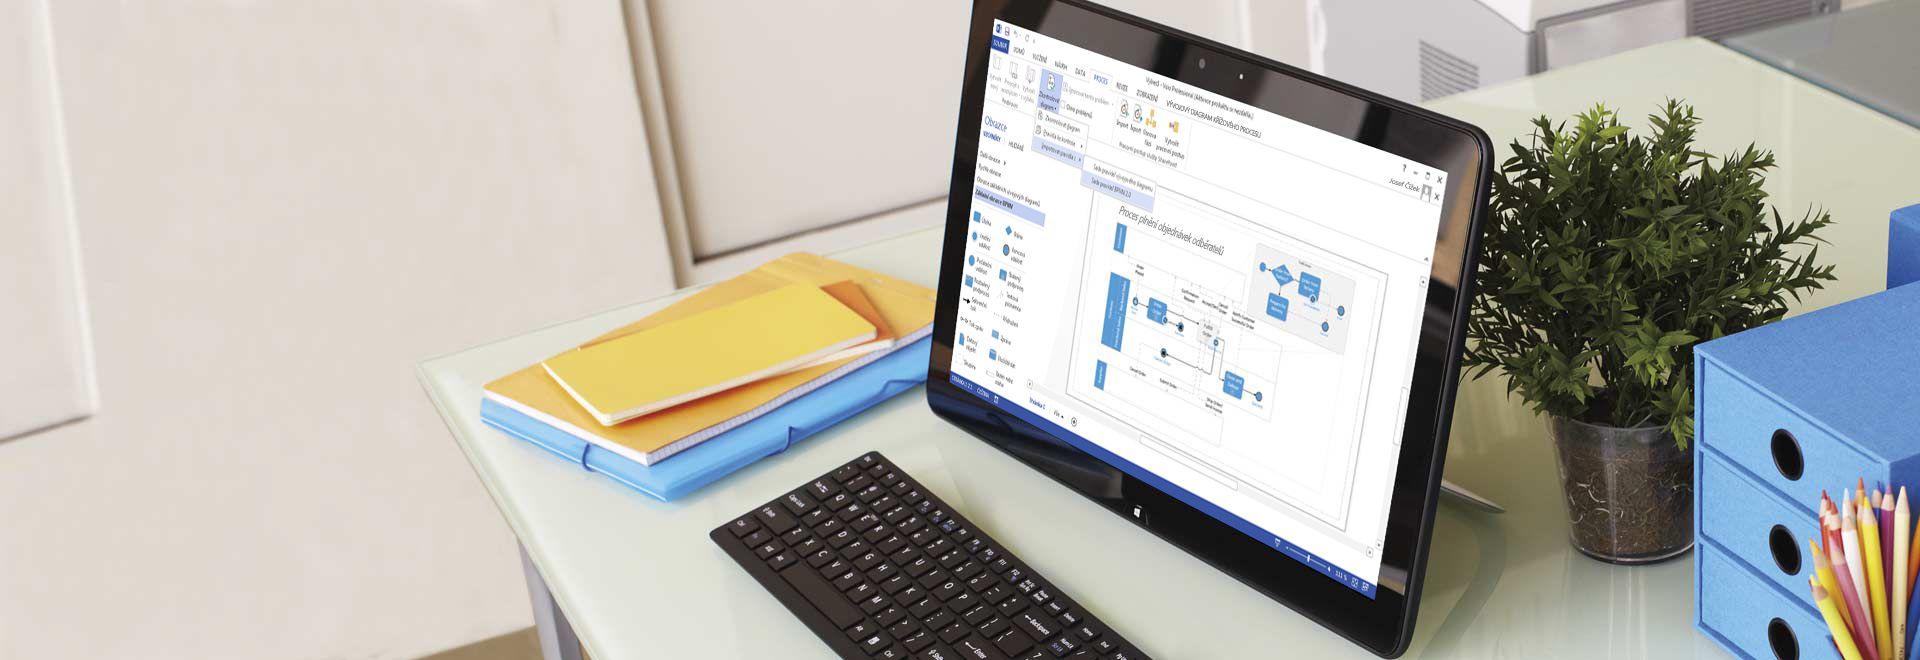 Stůl stabletem, na kterém je zobrazený procesní diagram ve Visiu Professional 2016